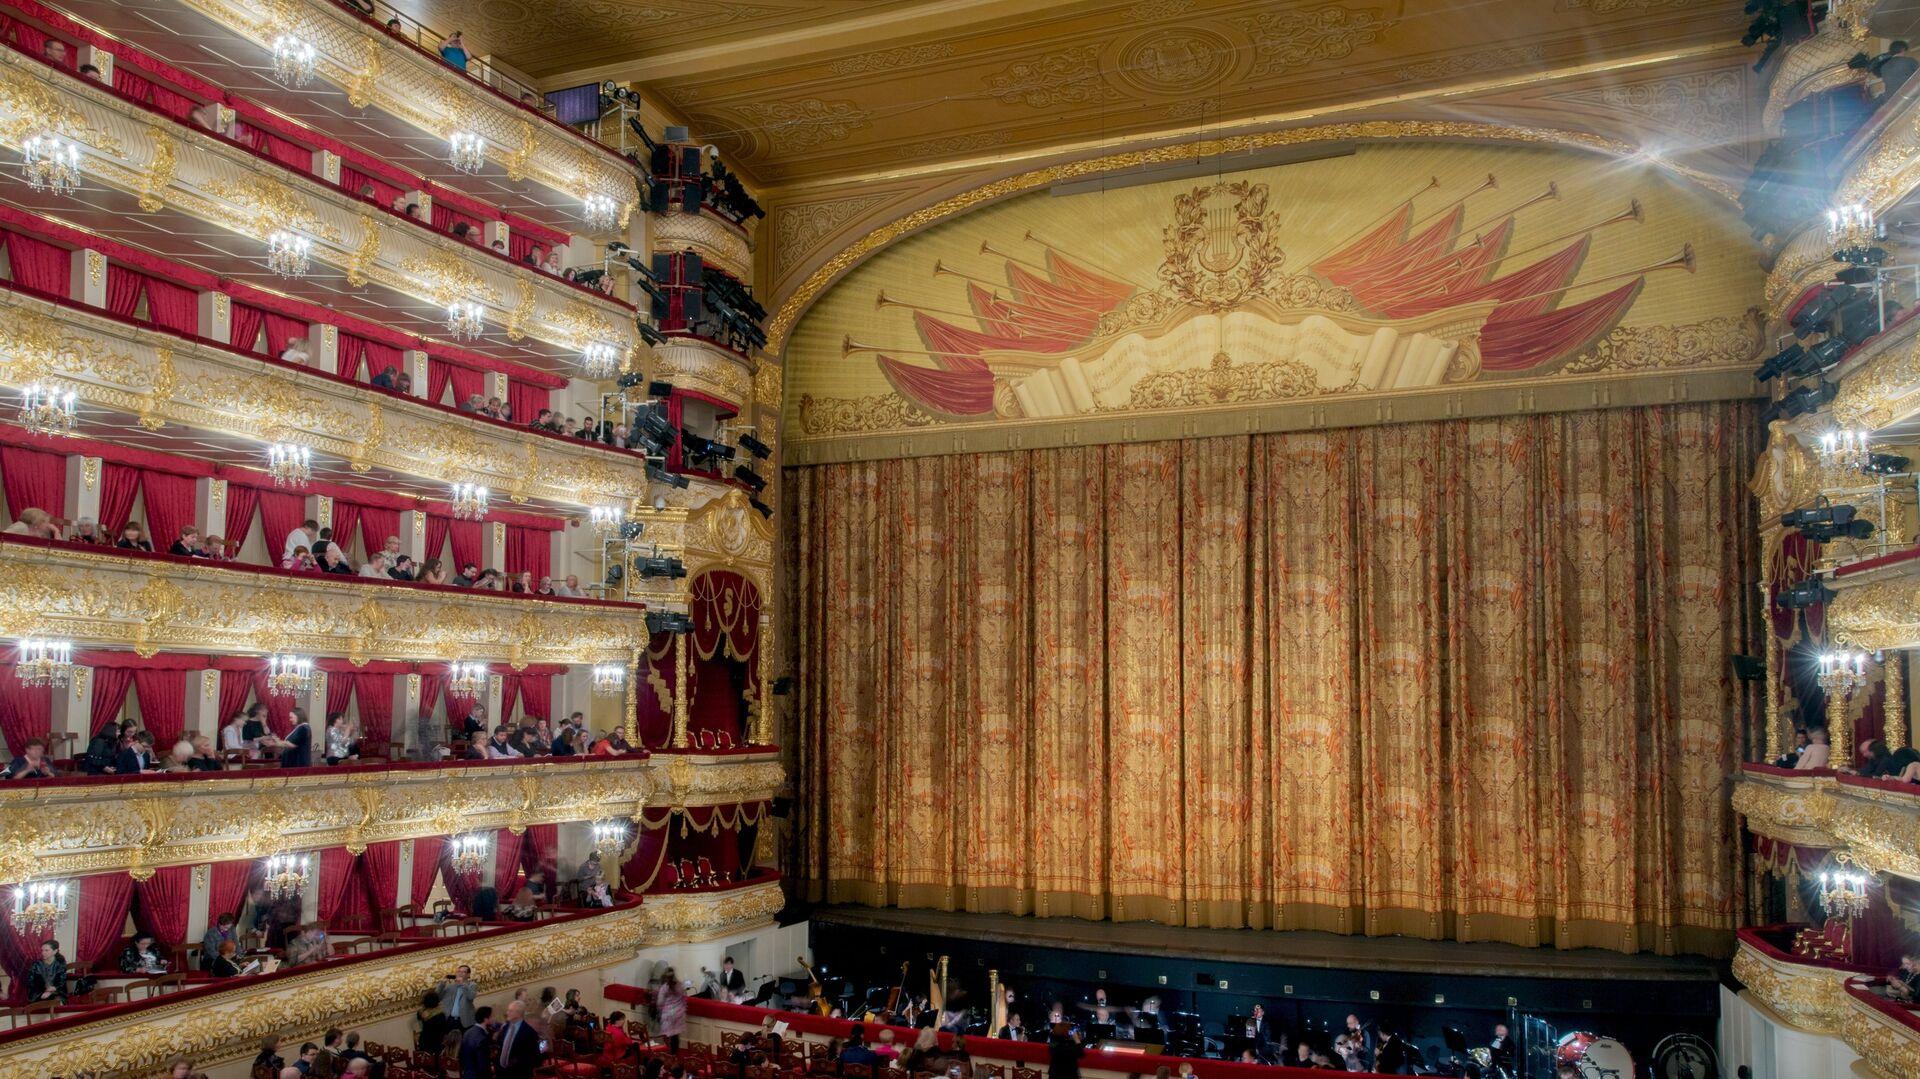 Το θέατρο Μπολσόι στη Ρωσία - Sputnik Ελλάδα, 1920, 11.10.2021